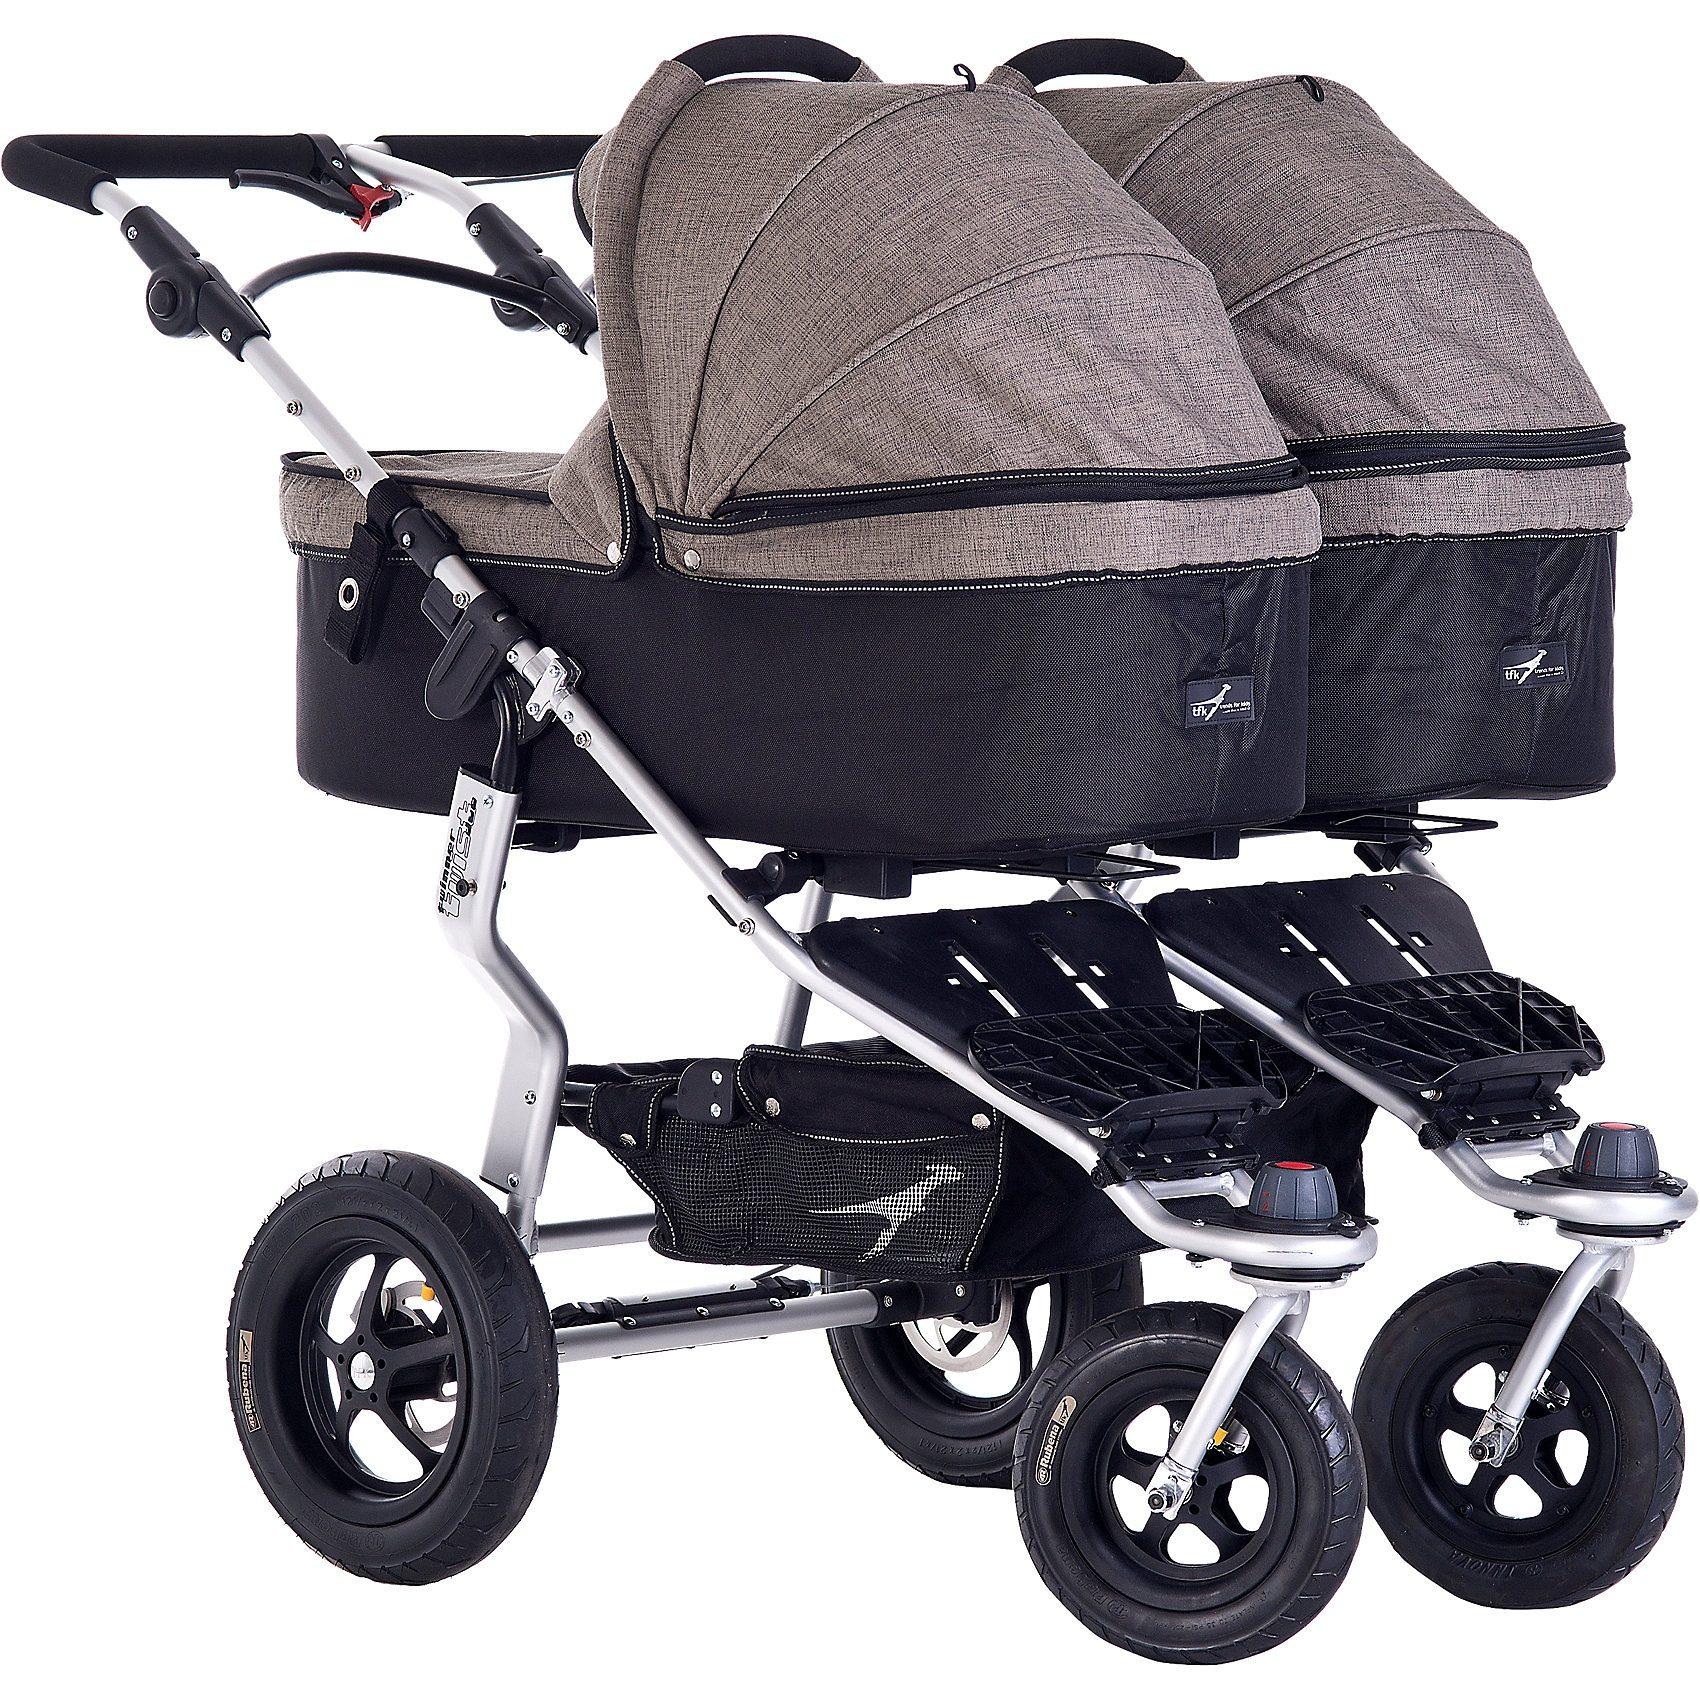 TFK Kinderwagenaufsatz für Twinner Twist Duo, Premium, schlamm